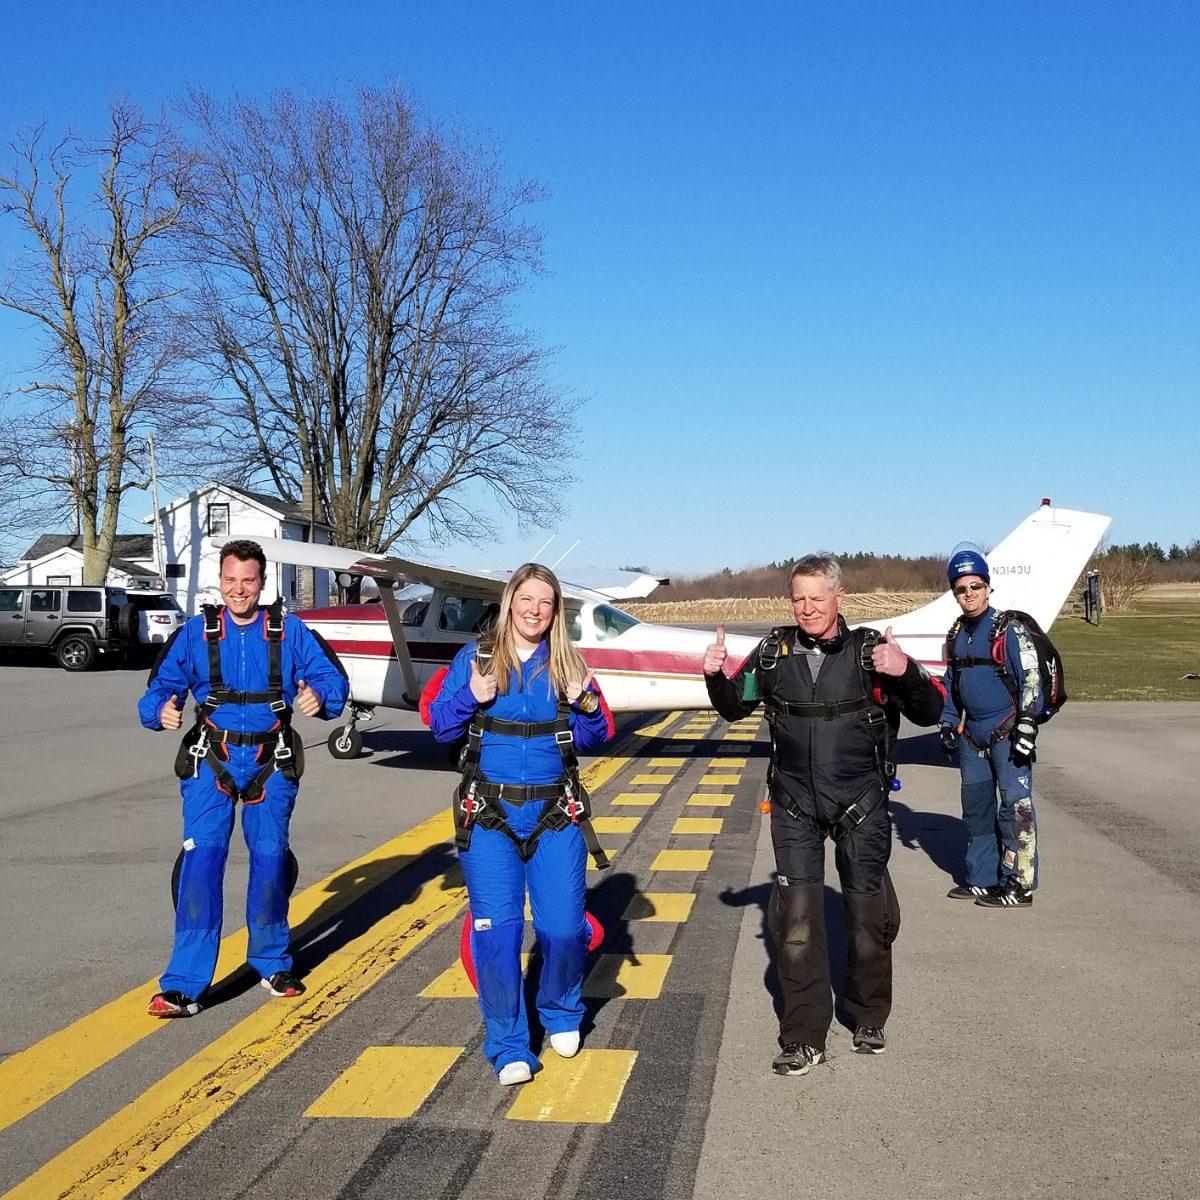 Skydiving vs. Indoor Skydiving | WNY Skydiving